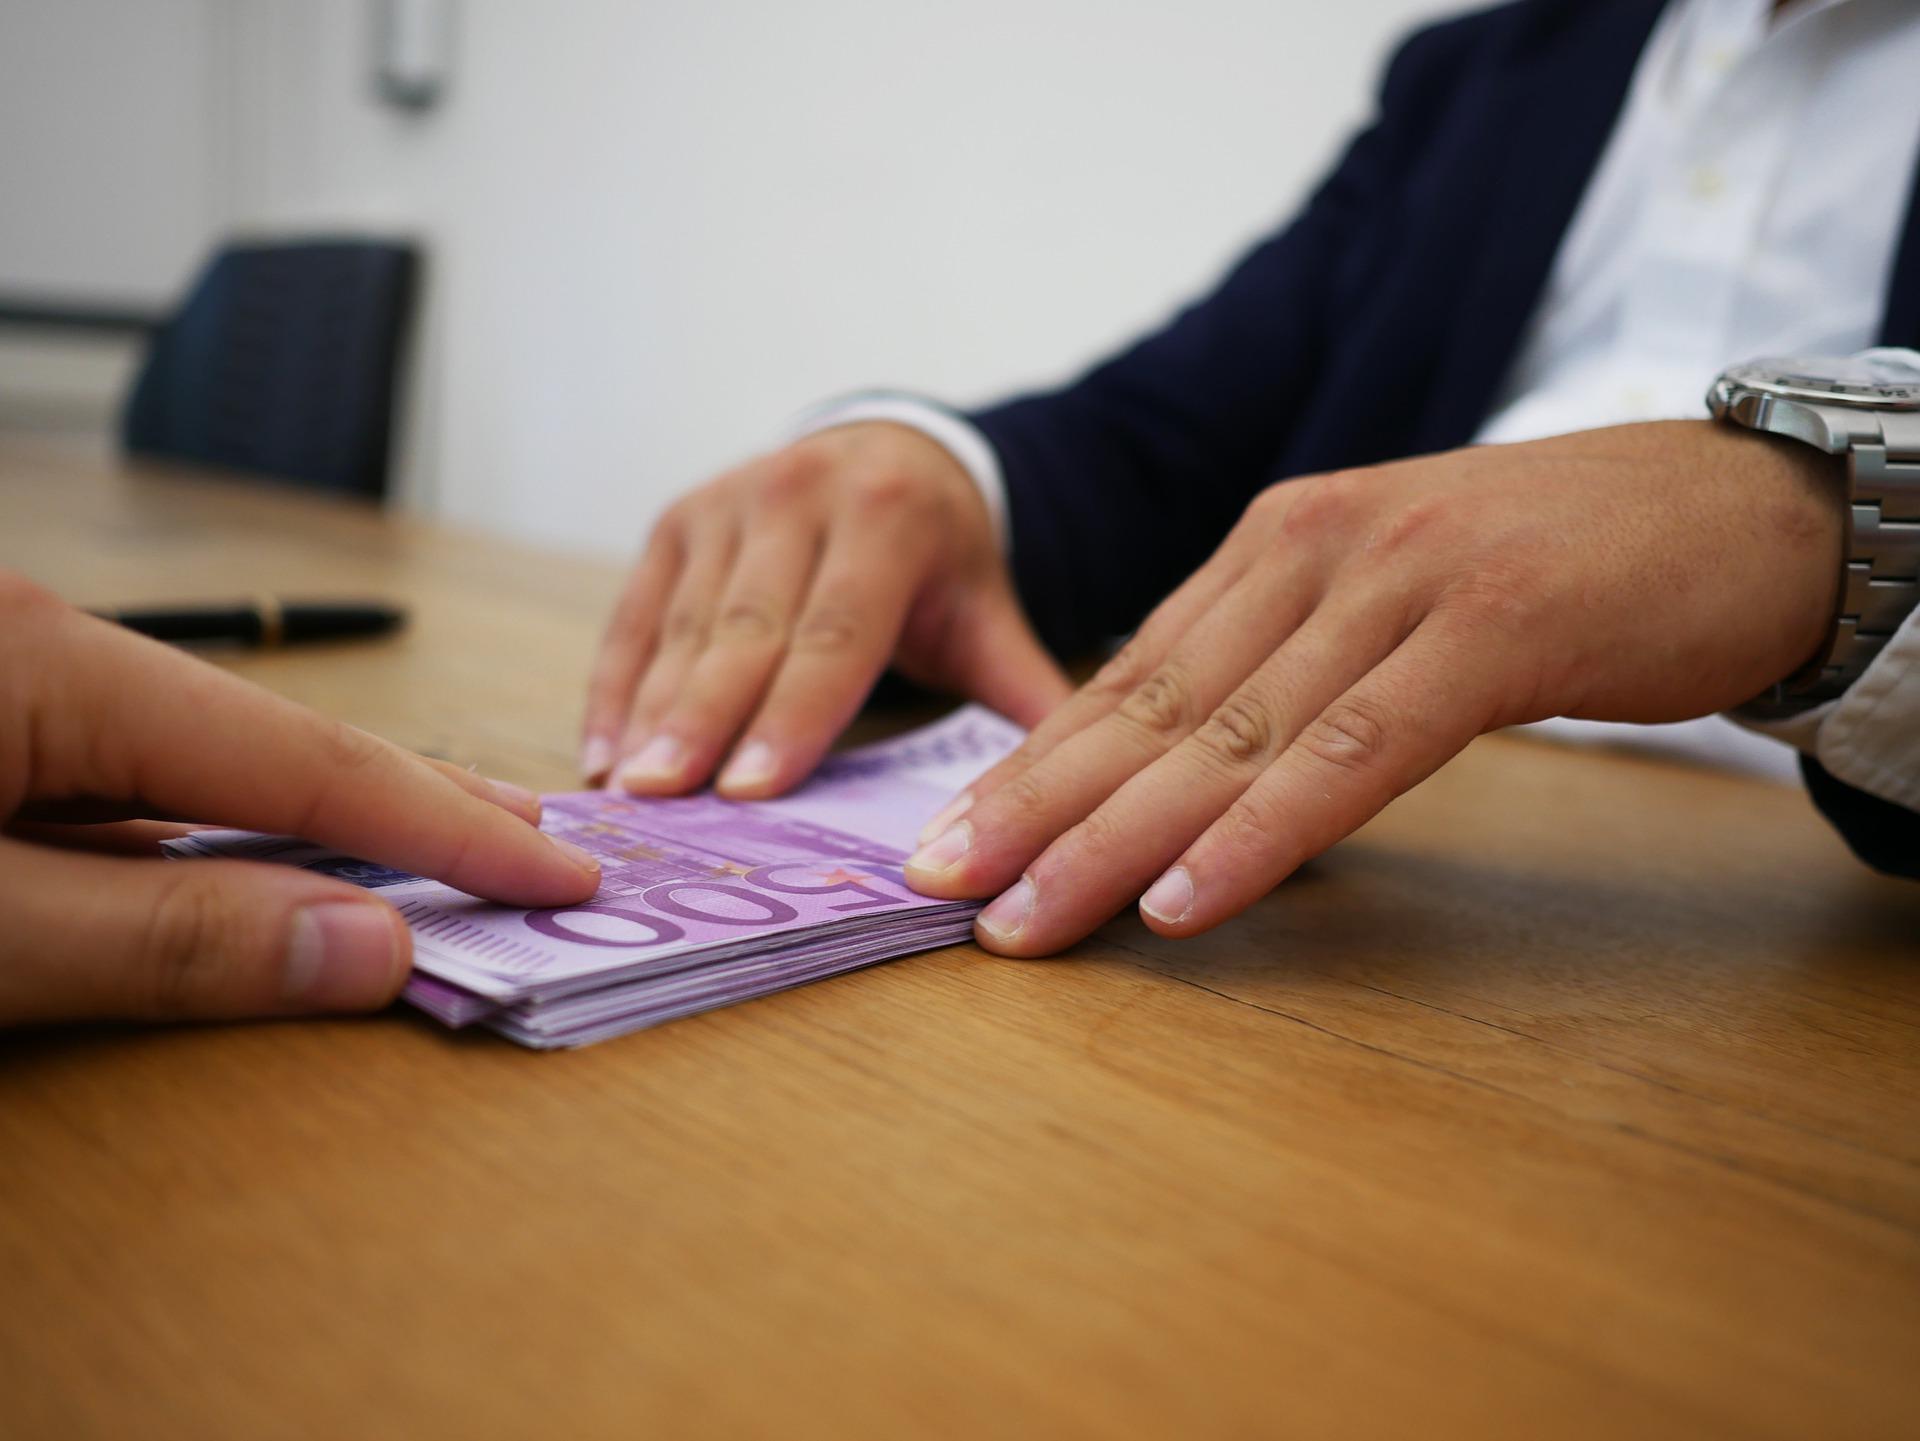 Szukasz taniego kredytu indywidualnego? Poznaj najlepsze oferty z ostatniego kwartału!